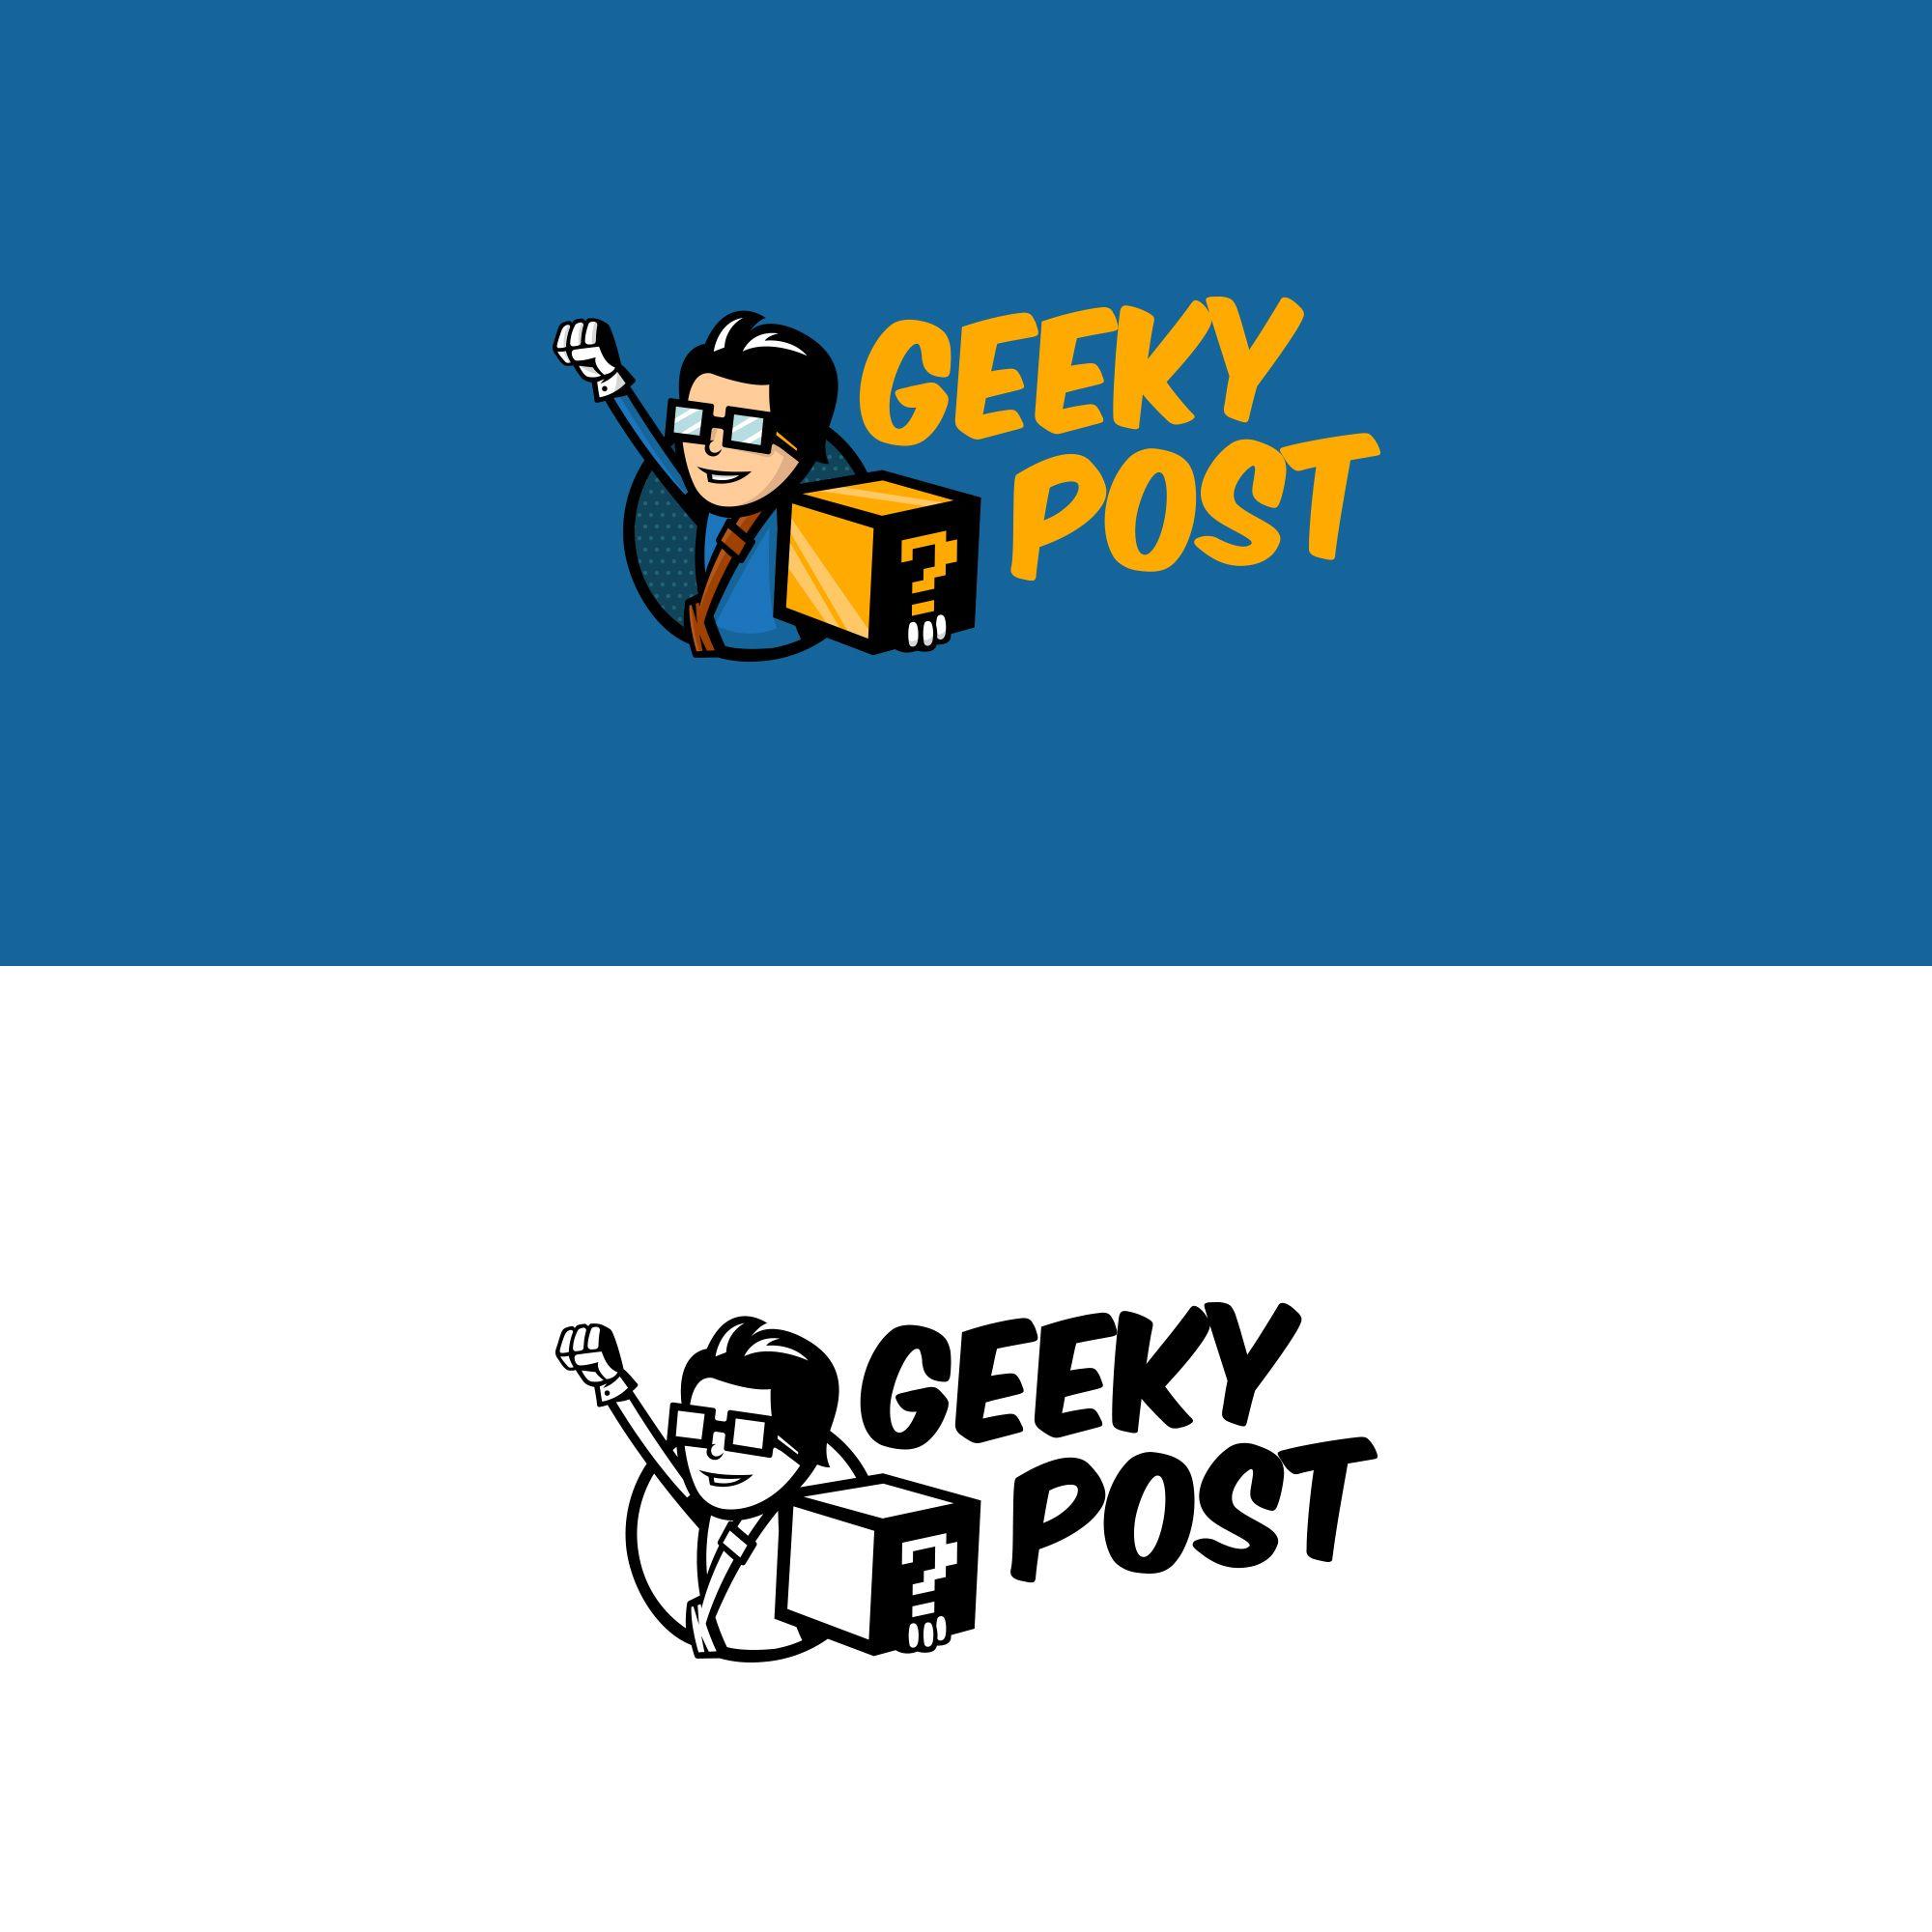 Логотип для Коробки для гиков и геймеров - дизайнер drawmedead